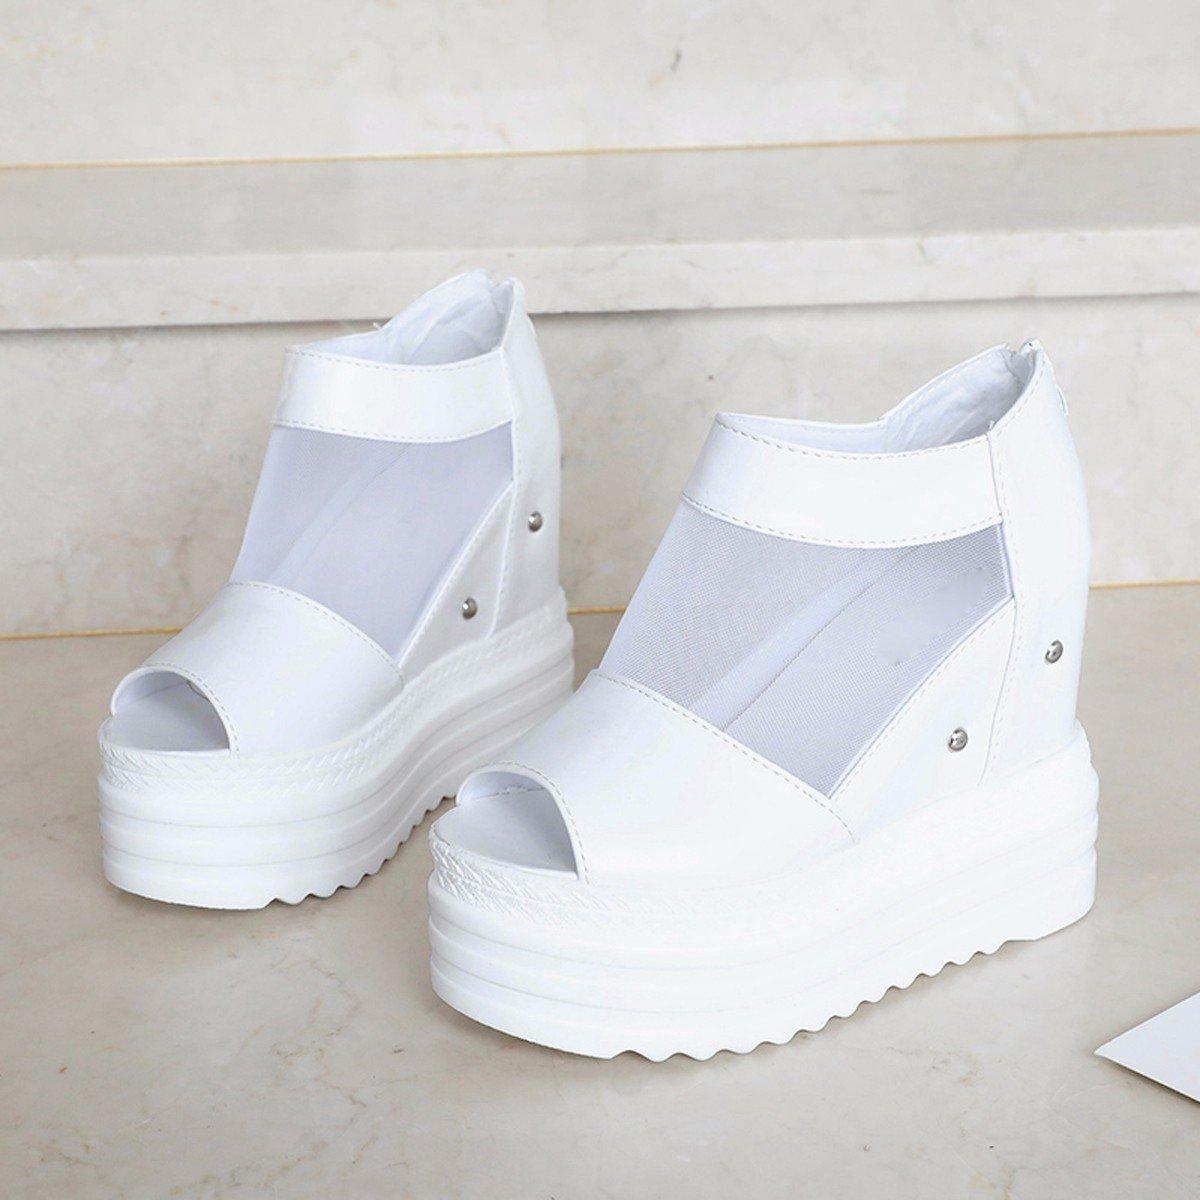 HBDLH Damen Schuhe  Frühjahr Fashion im Frühjahr  und Sommer Fisch Mund Single Schuhe Muffins Dick Tiefste Slope Heels Gaze Damen Schuhe höher Innen Sandalen. 7f9d55